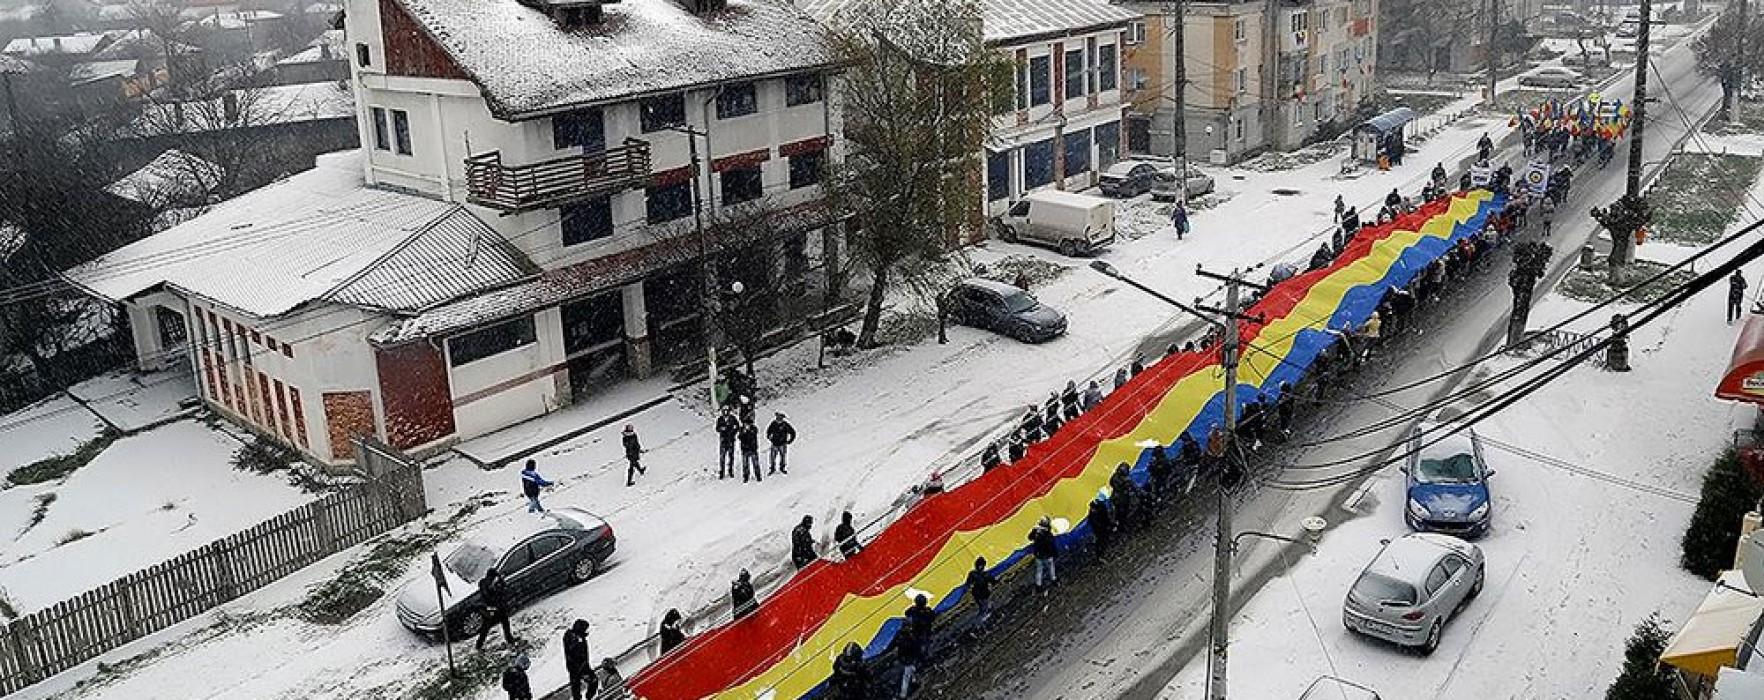 Răcari: Marş tricolor de 1 decembrie